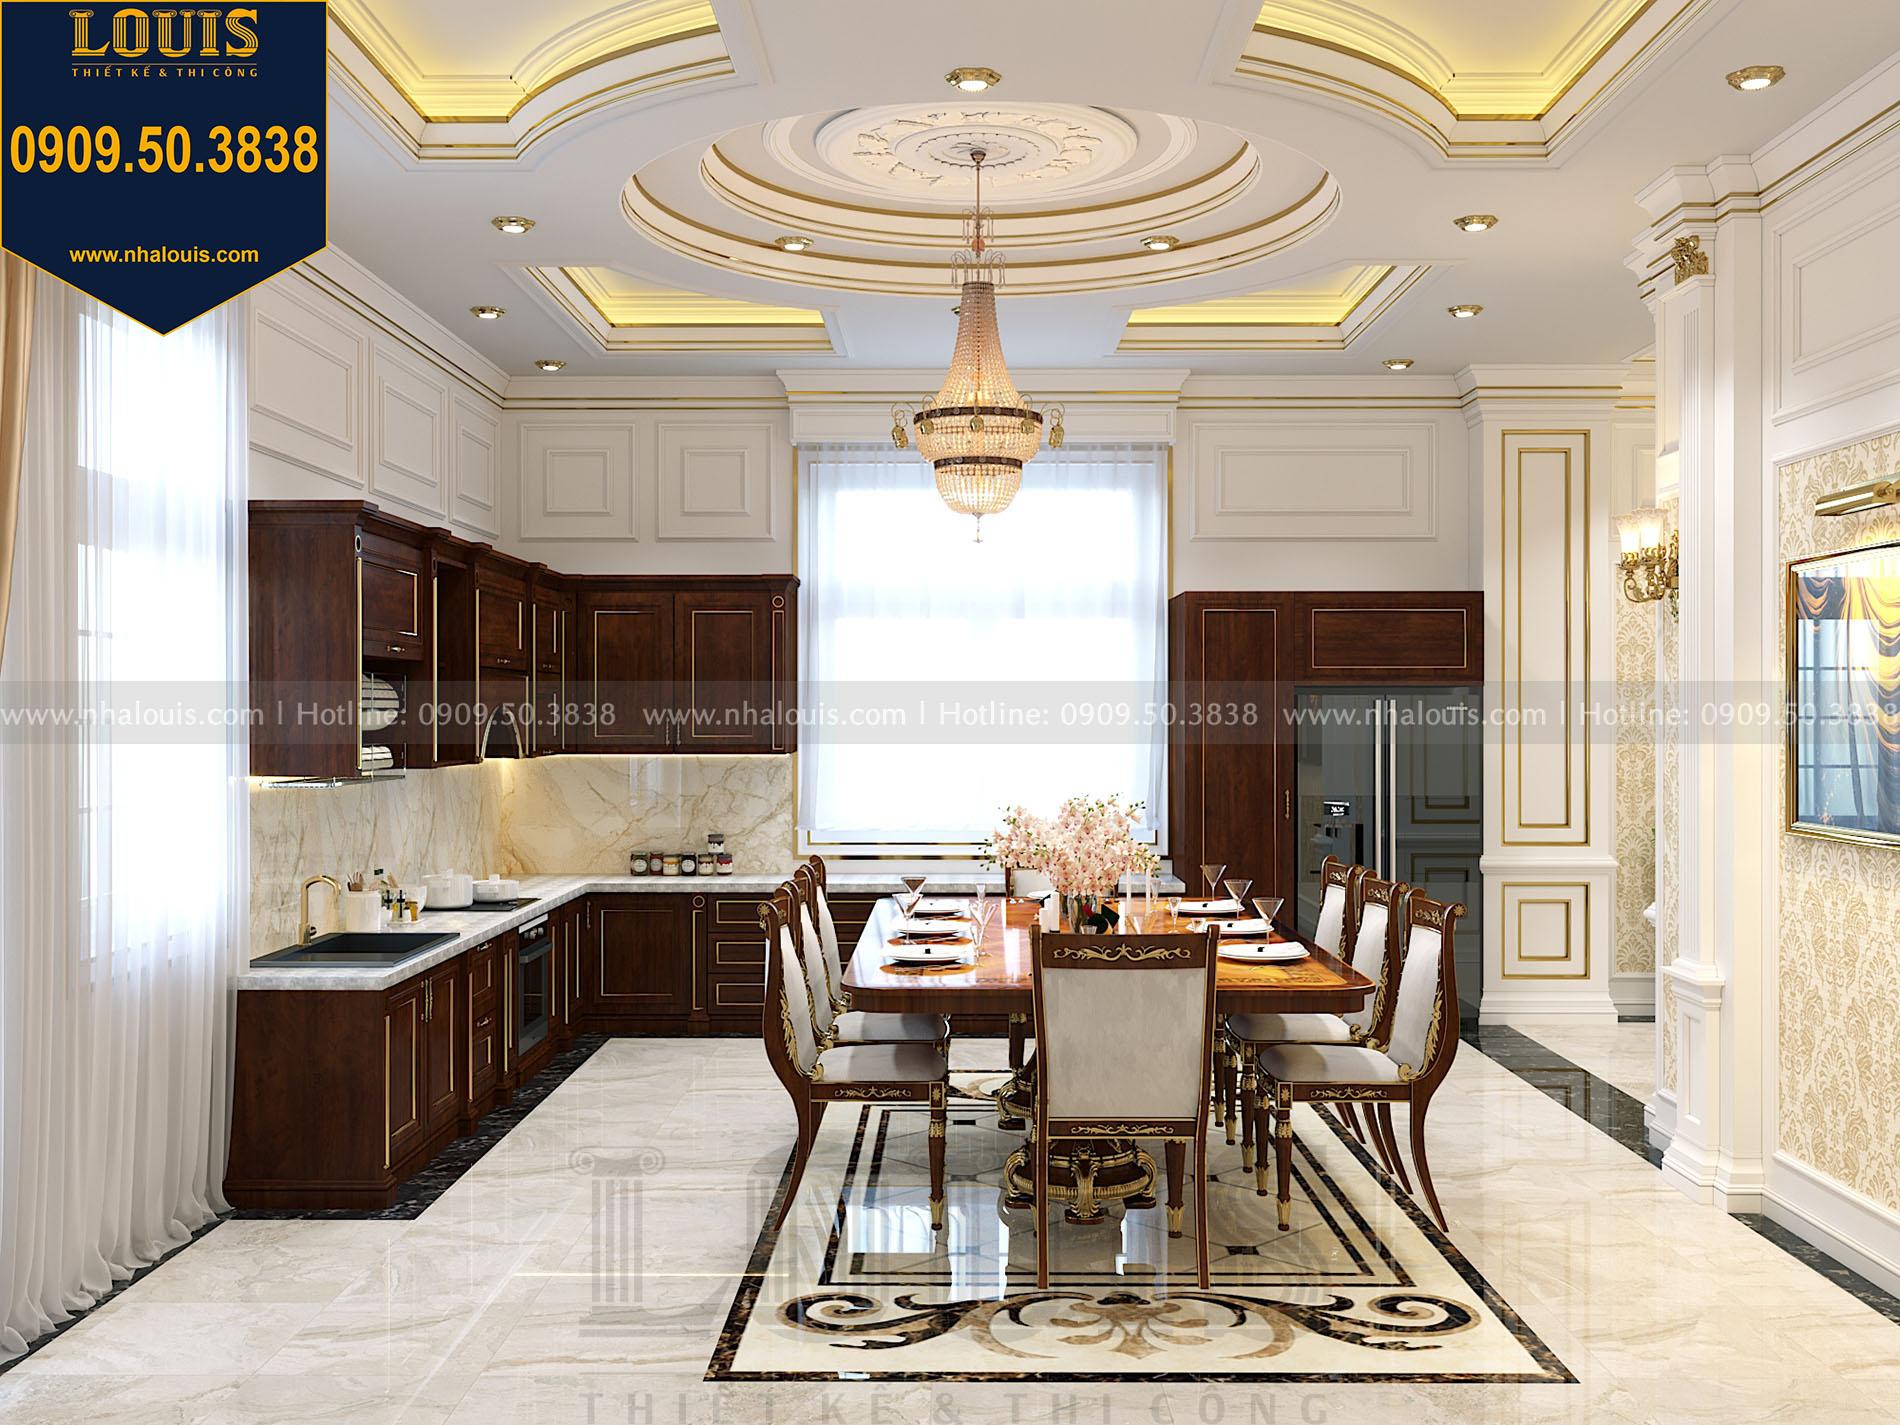 Phòng bếp biệt thự 2 tầng mặt tiền 9m